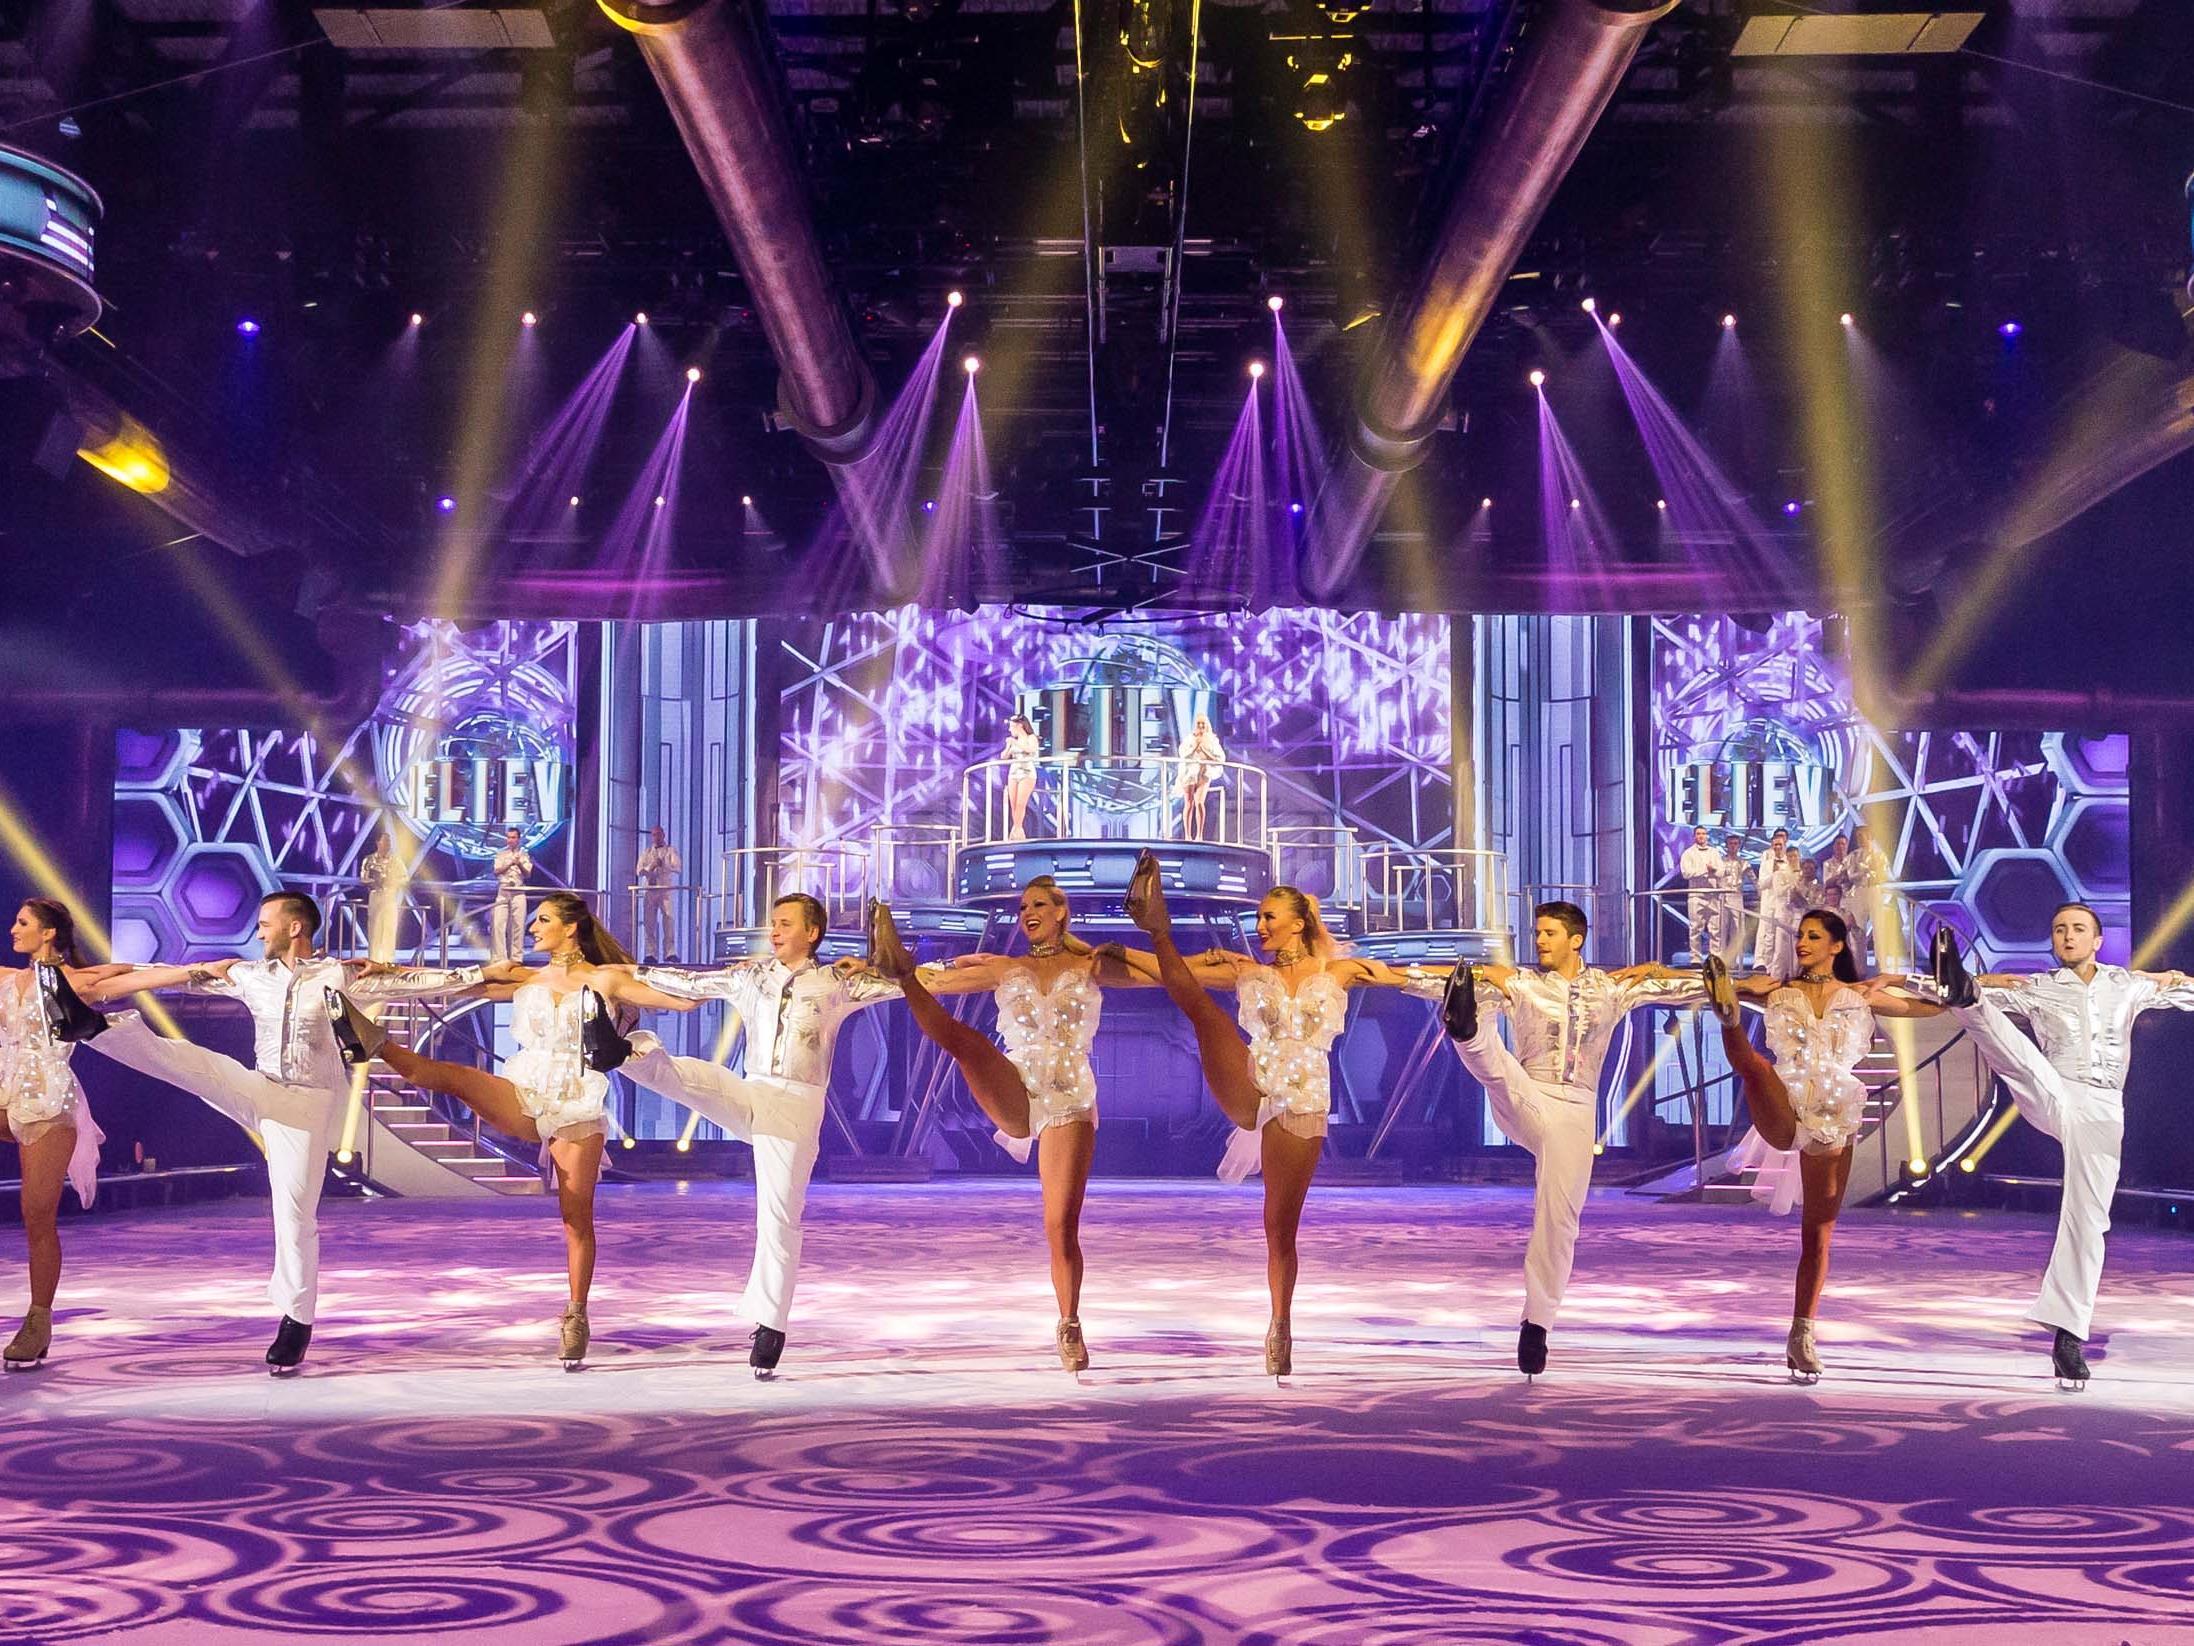 Wir verlosen 2x2 Premierenticktes für Holiday On Ice in der Wiener Stadthalle.